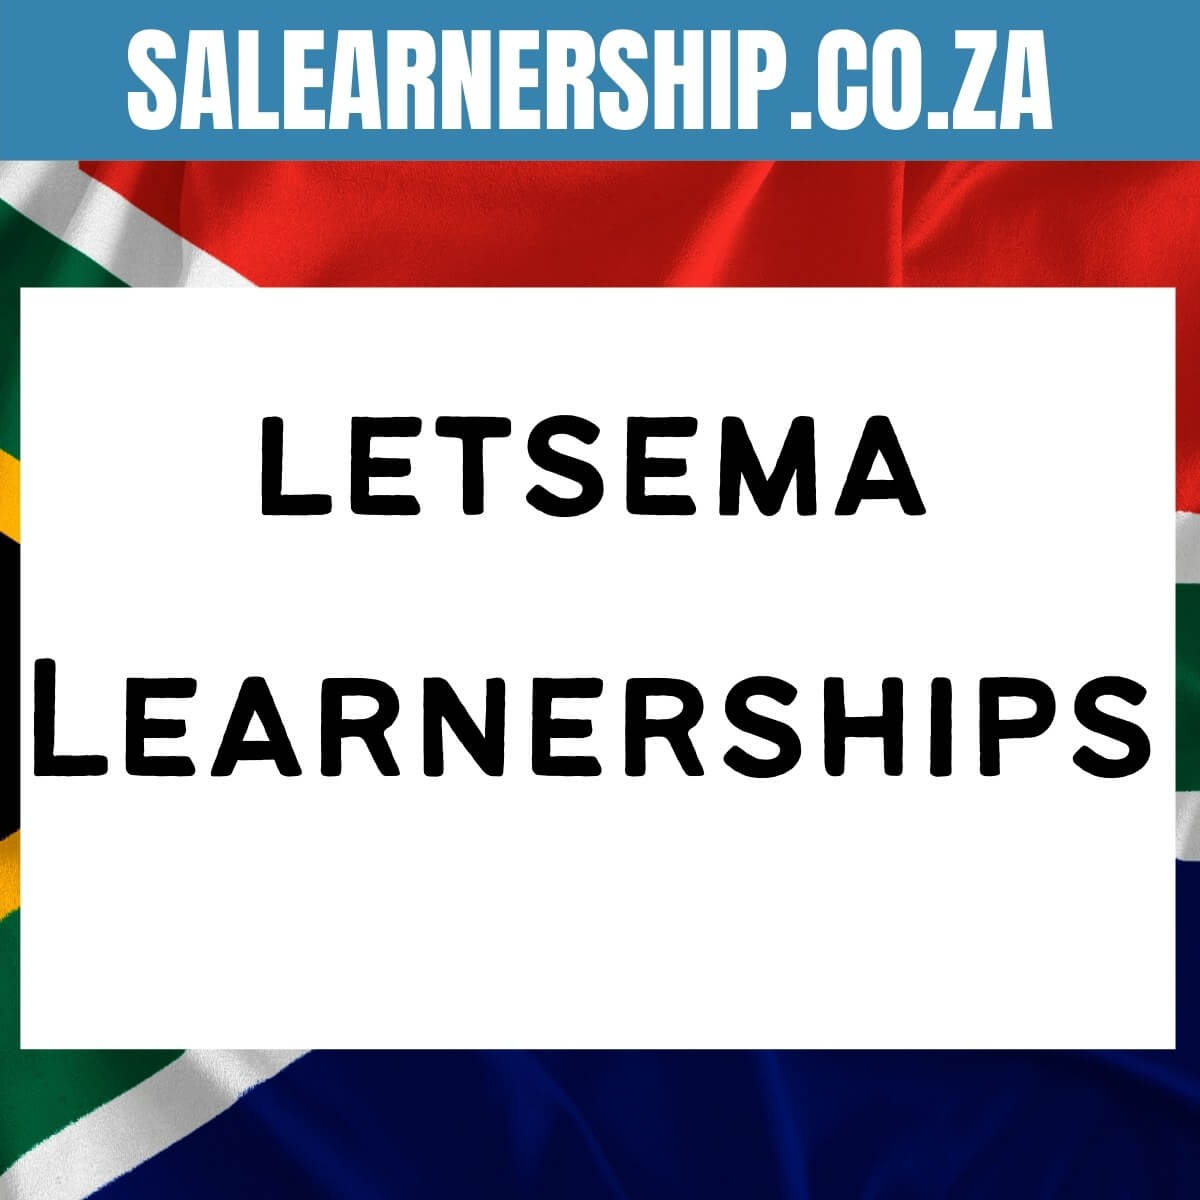 letsema learnerships